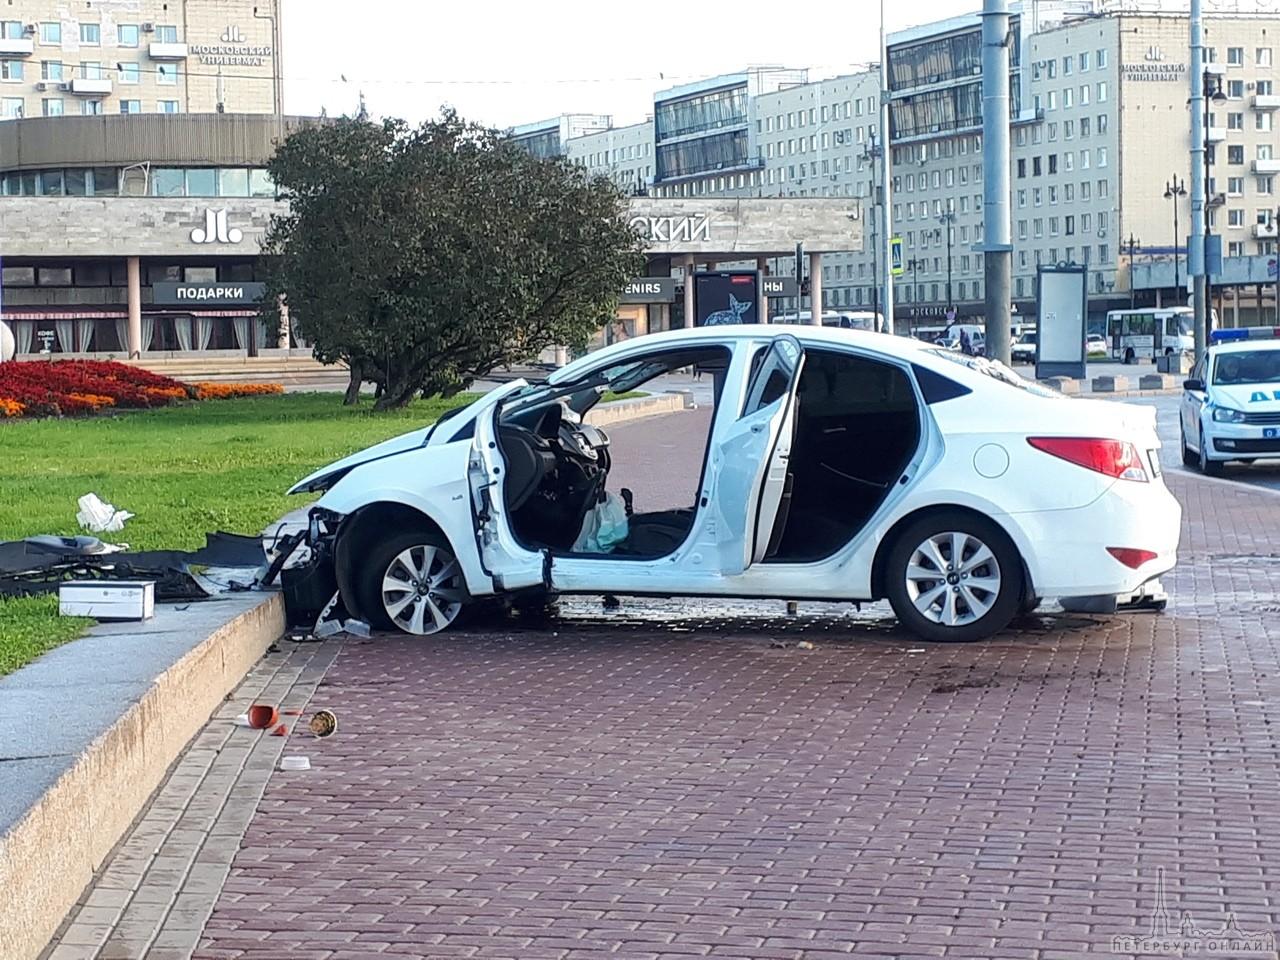 Водитель Соляриса засмотрелся на мемориал Площадь Победы и вылетел с кругового